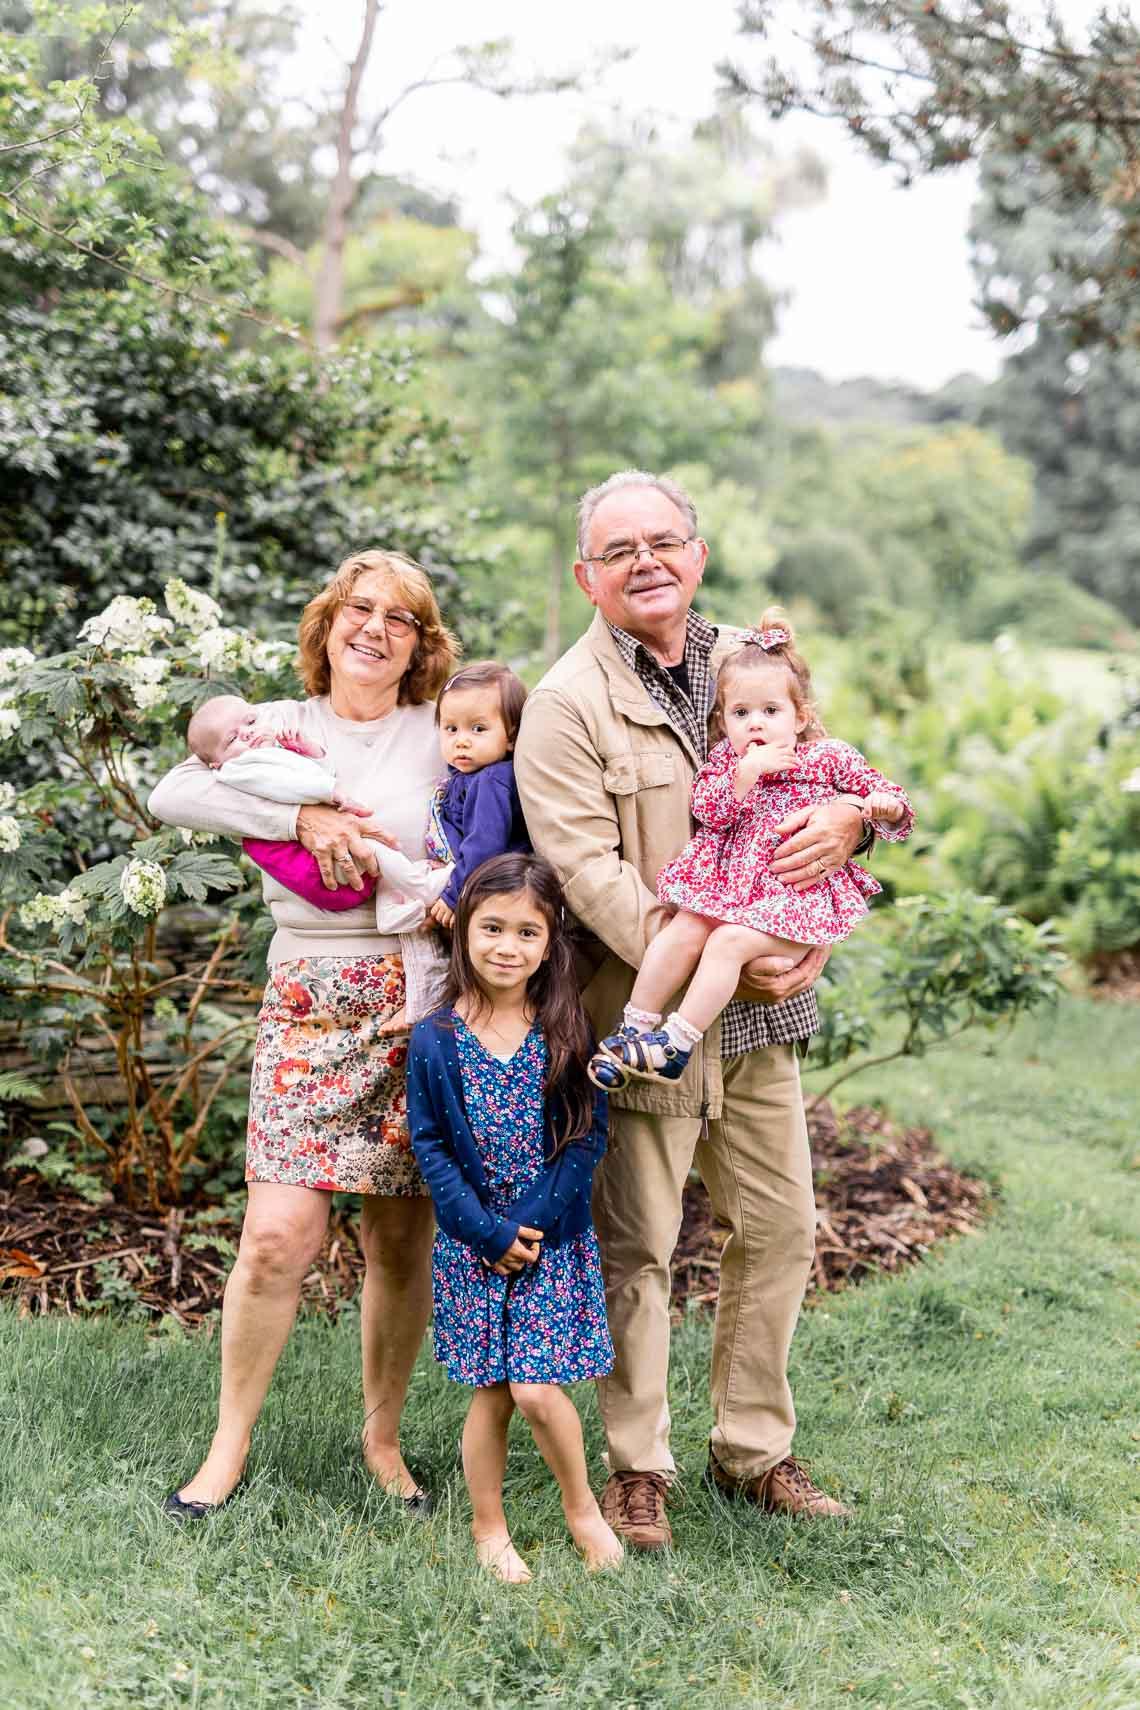 photos de famille à moitié prix